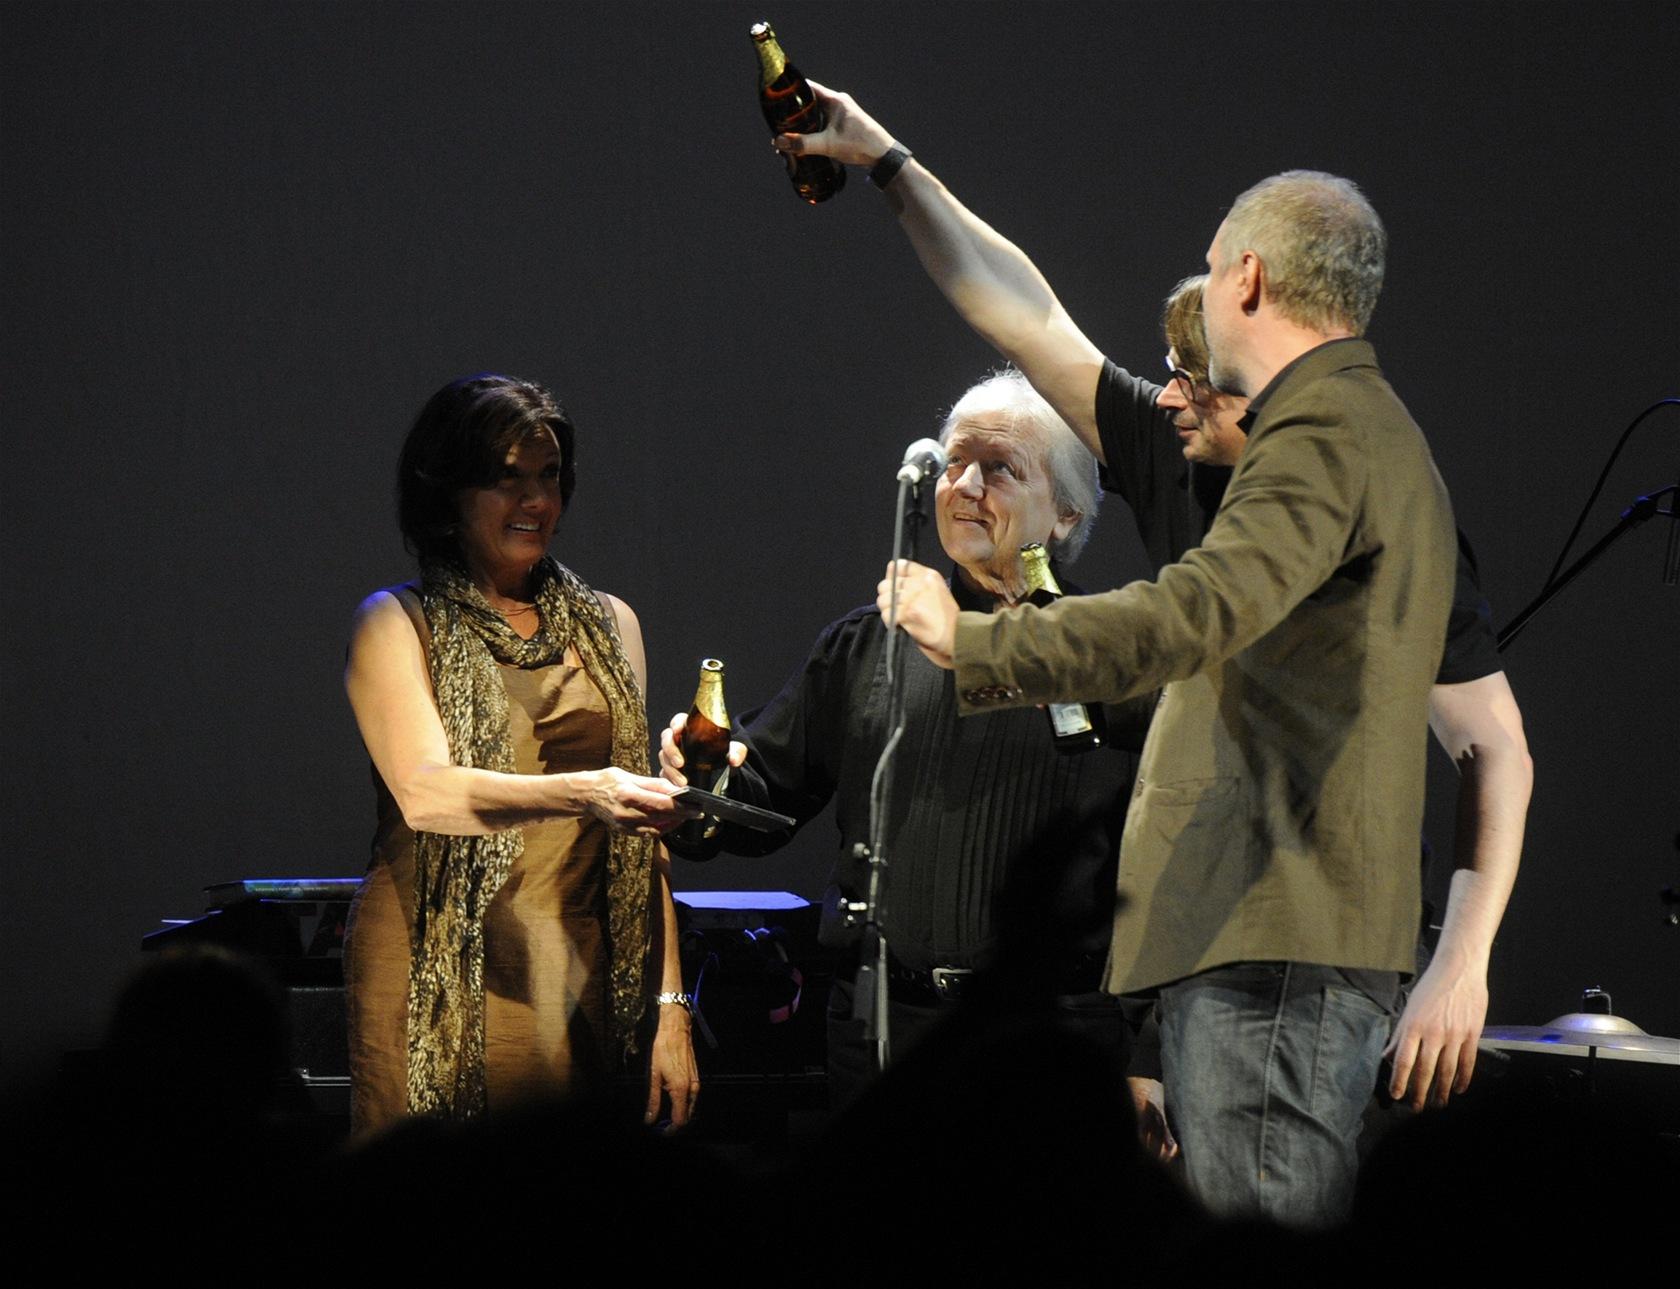 Marie Rottrová, Václav Neckář, Jaroslav Rudiš a Jaromír 99 křtí soundtrack k filmu Alois Nebel (Praha, 23. září 2011).